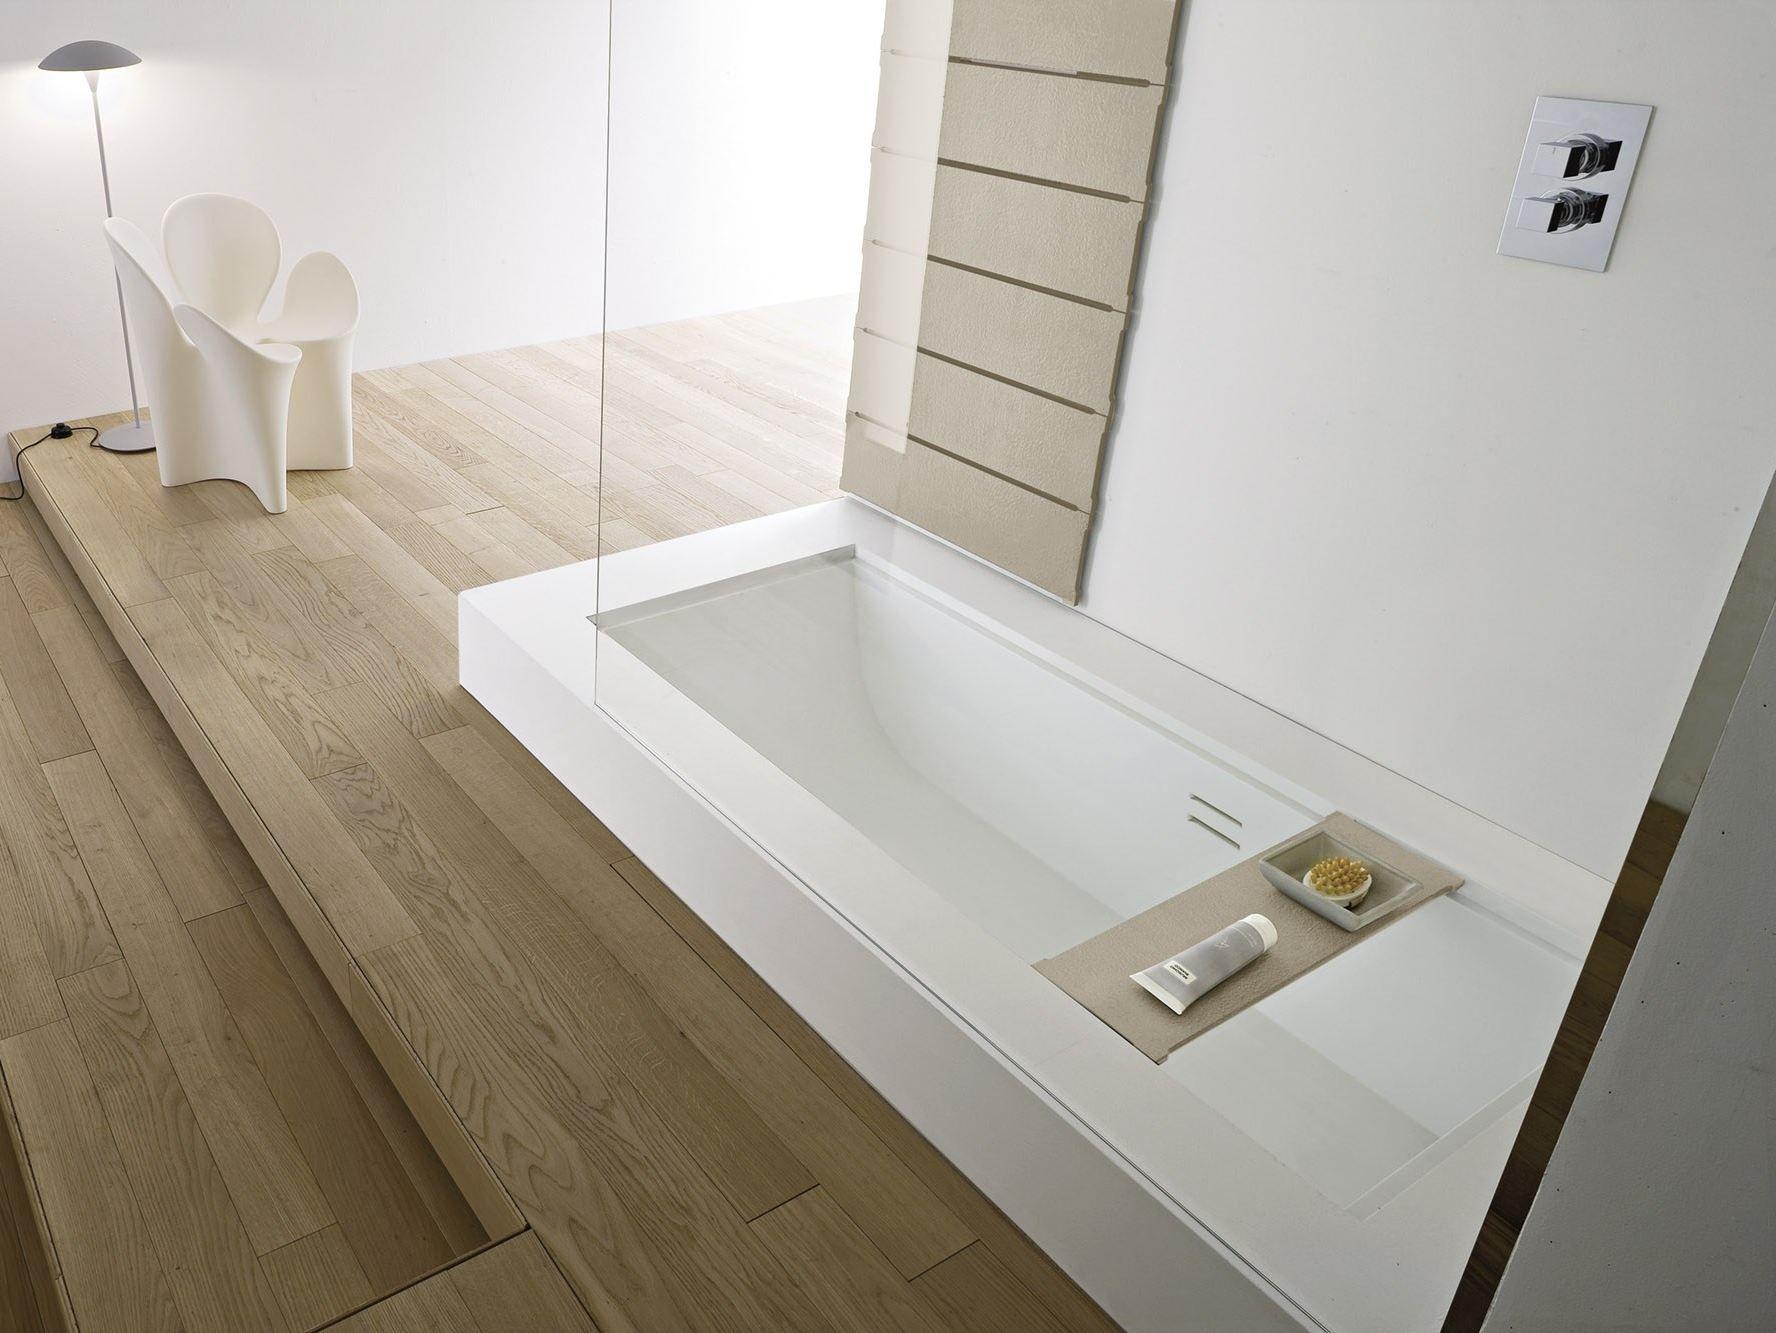 Vasca Da Bagno Vintage Prezzi : Scarica il catalogo e richiedi prezzi di unico vasca da bagno